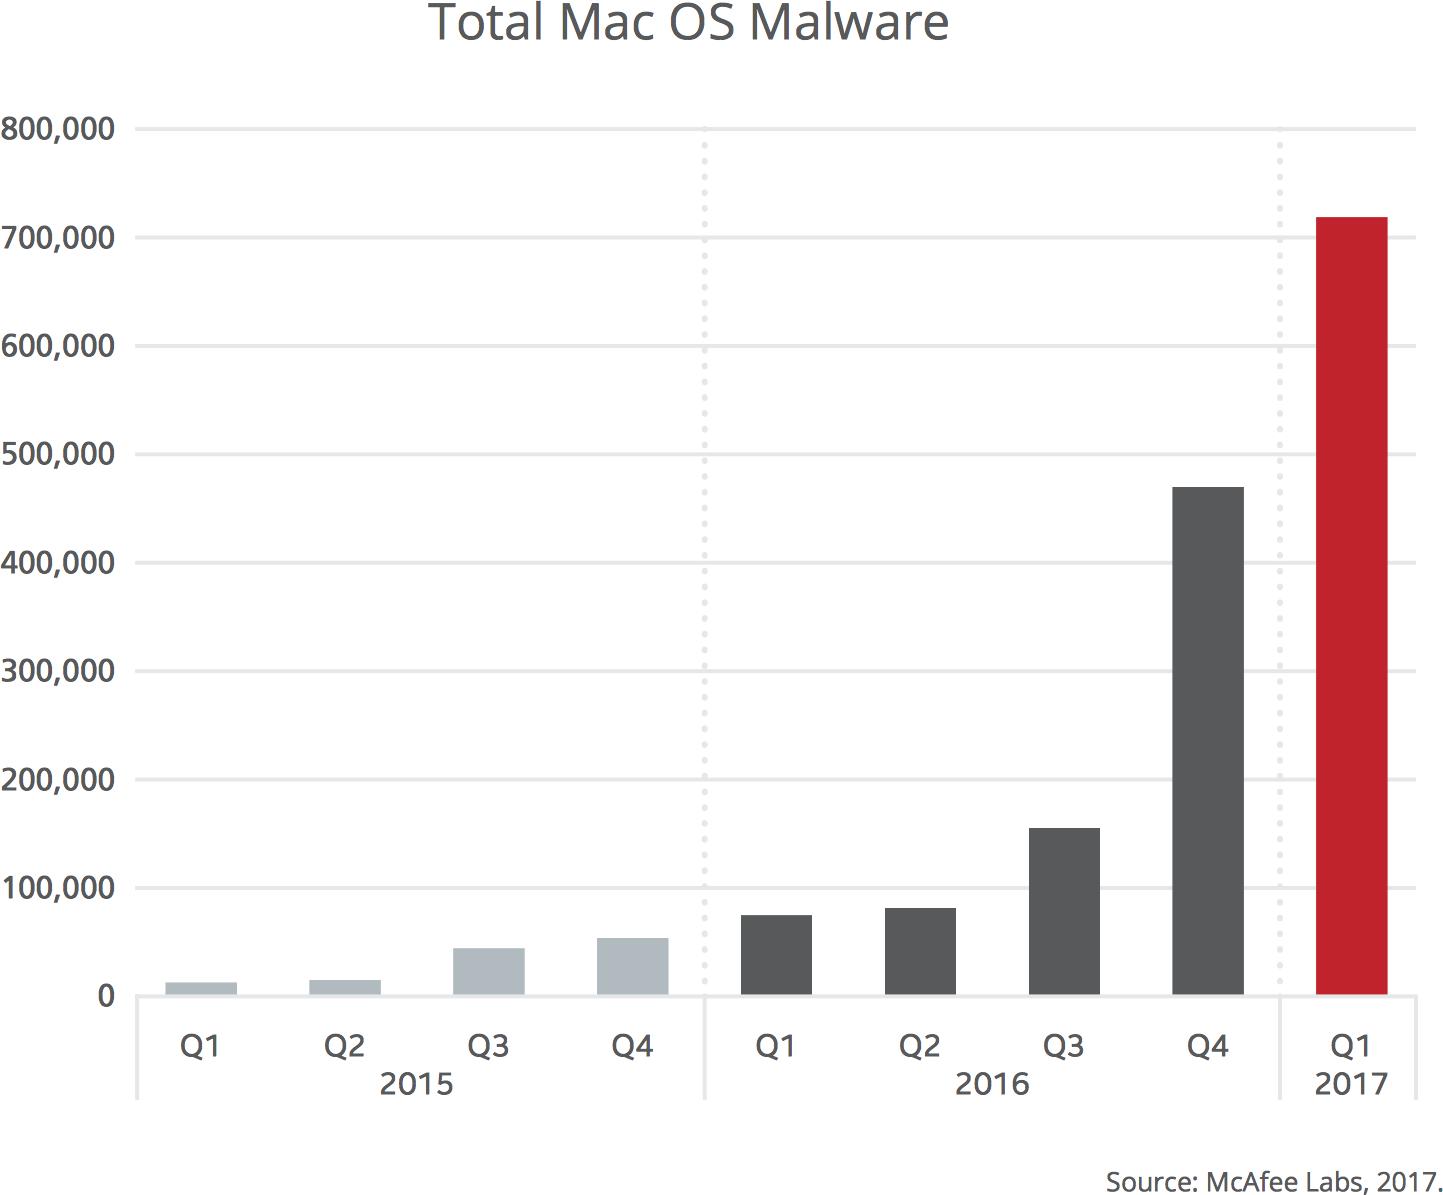 Levantamento da McAfee com crescimento do número de malwares para Mac